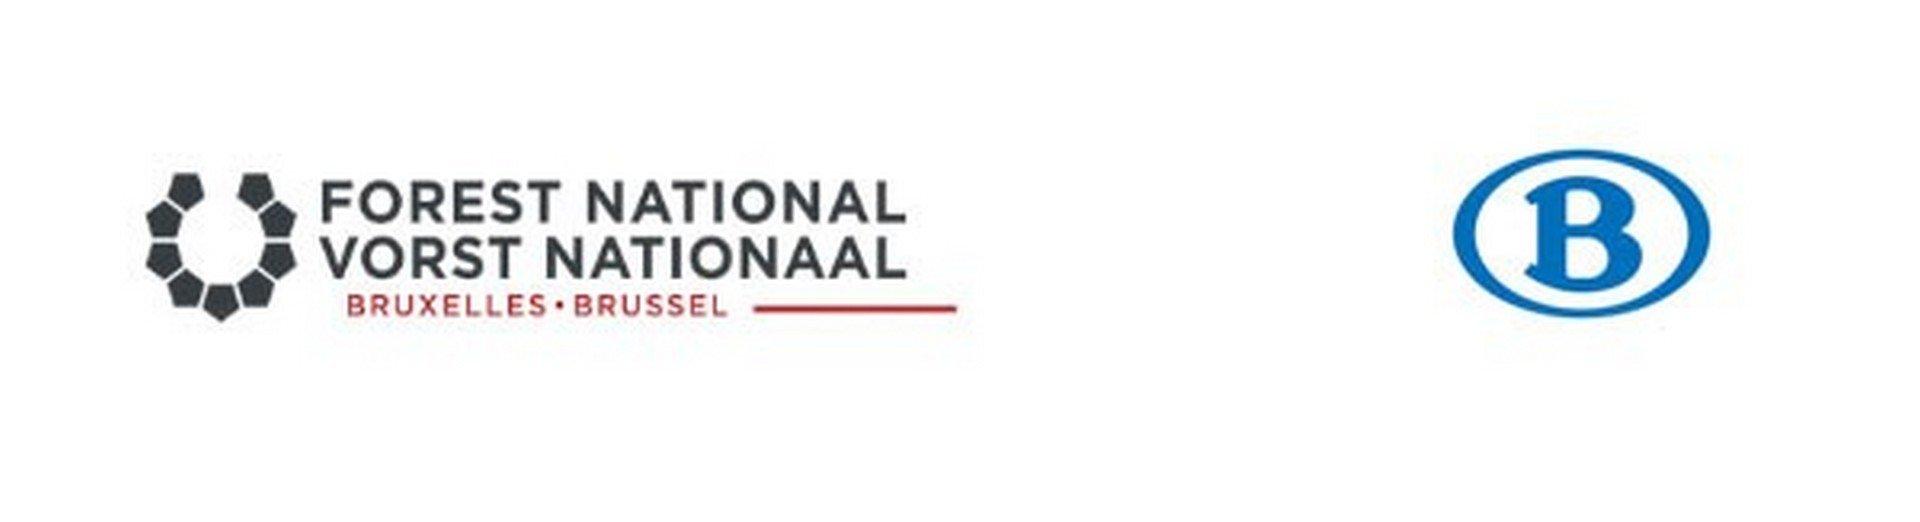 VORST NATIONAAL EN NMBS LANCEREN BRAVO! TICKET - Logo Vorst Nationaal